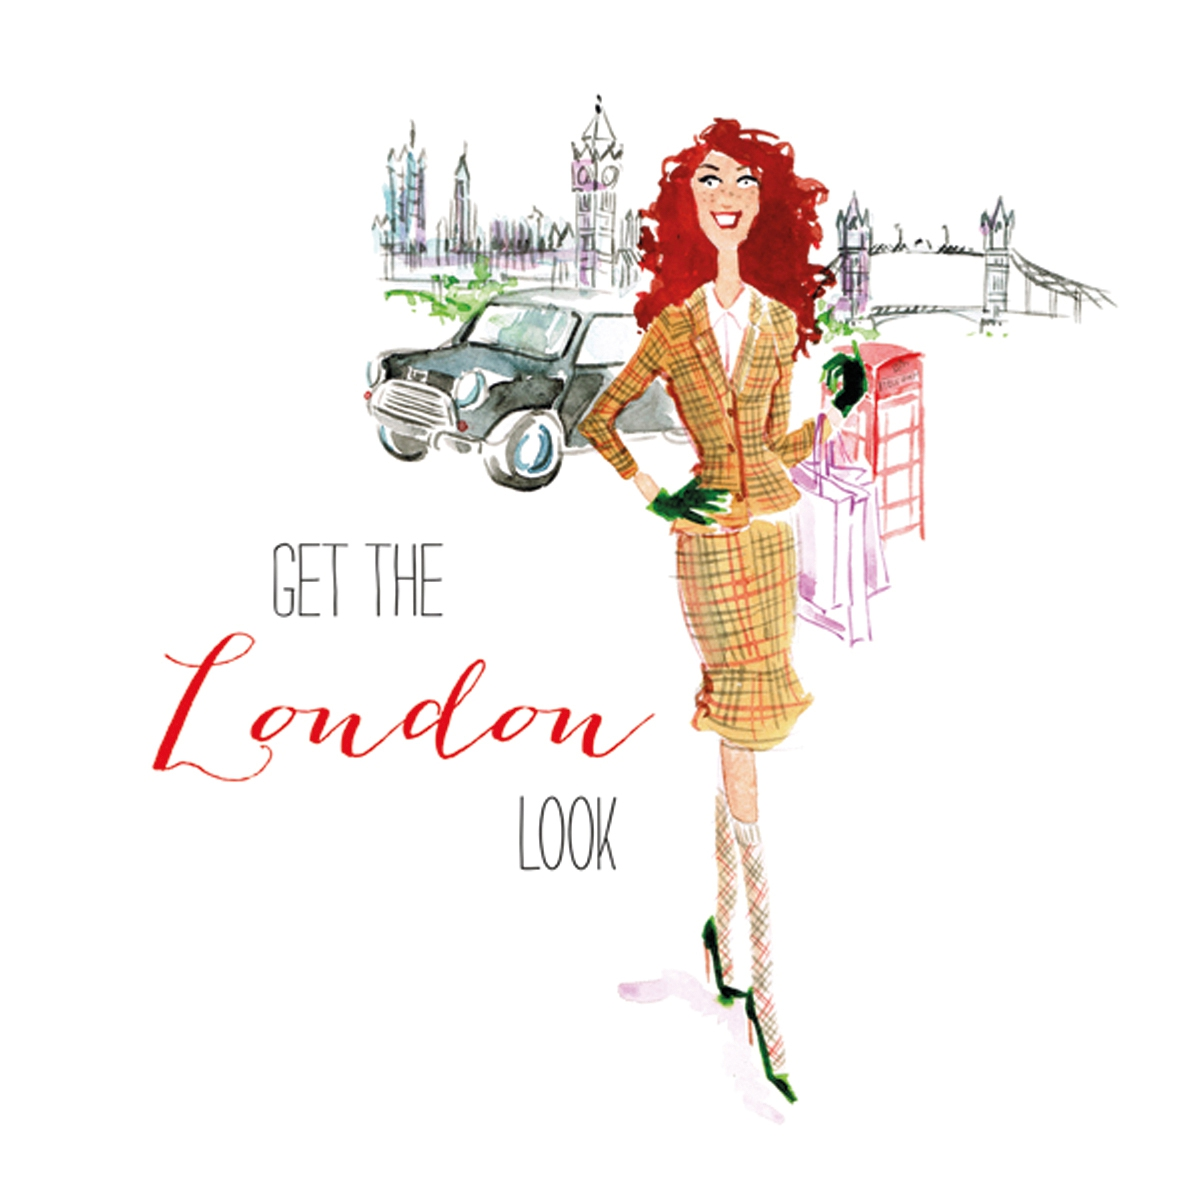 Lunch Servietten London City Girl,  Menschen - Personen,  Regionen - Länder,  Everyday,  lunchservietten,  London,  England,  Personen